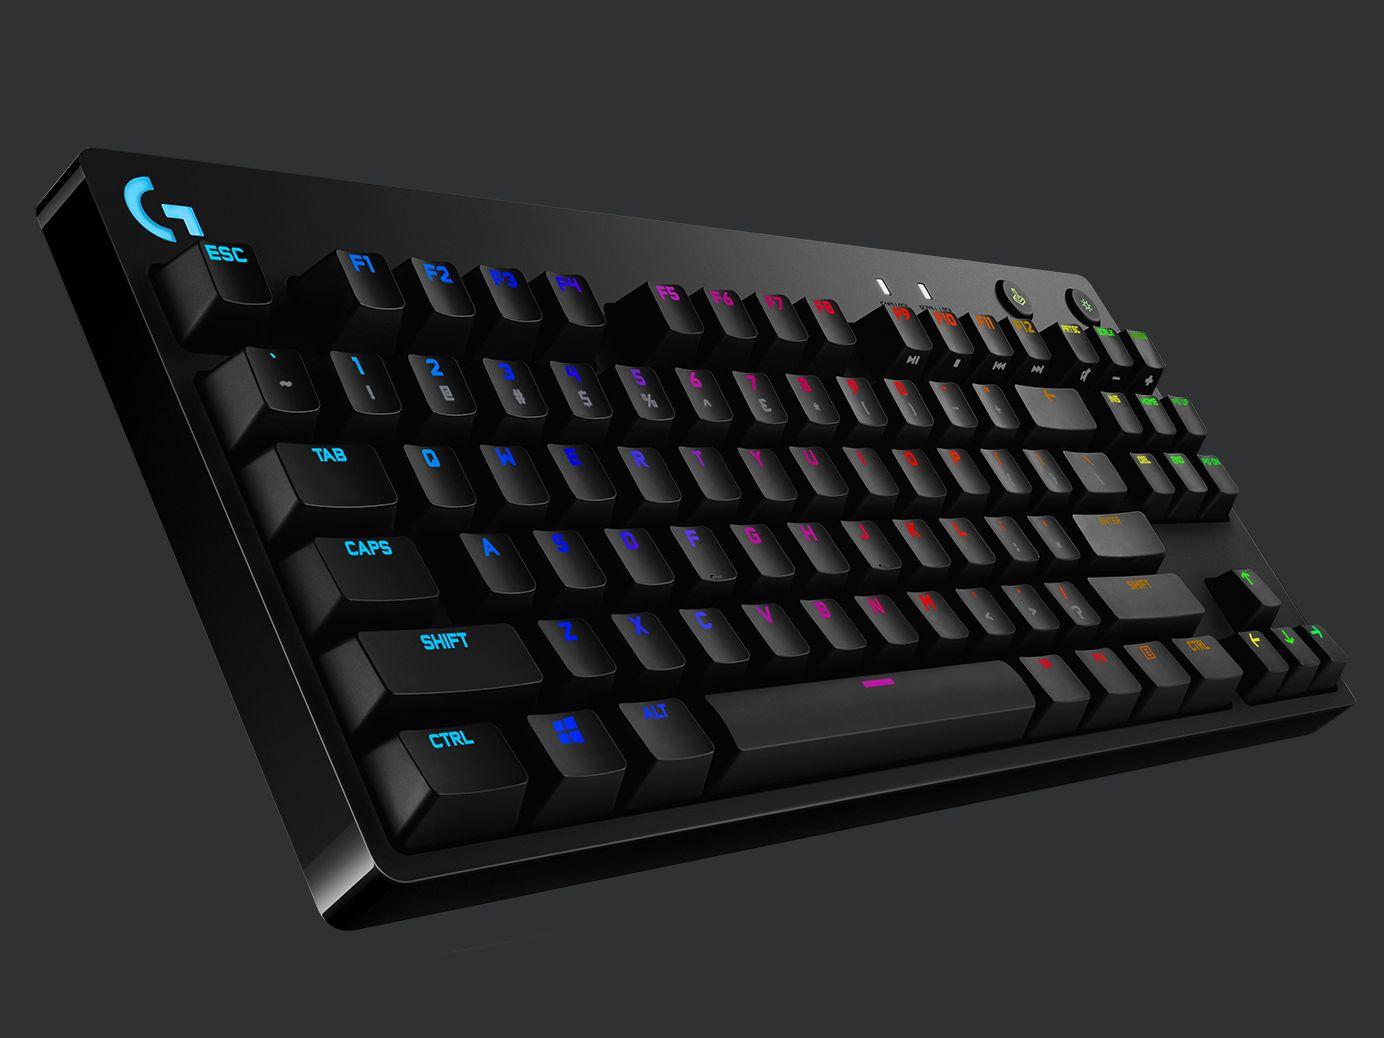 Bàn phím cơ Logitech G Pro X RGB Lightsync GX Clicky Blue Switch tích hợp led RGB cao cấp